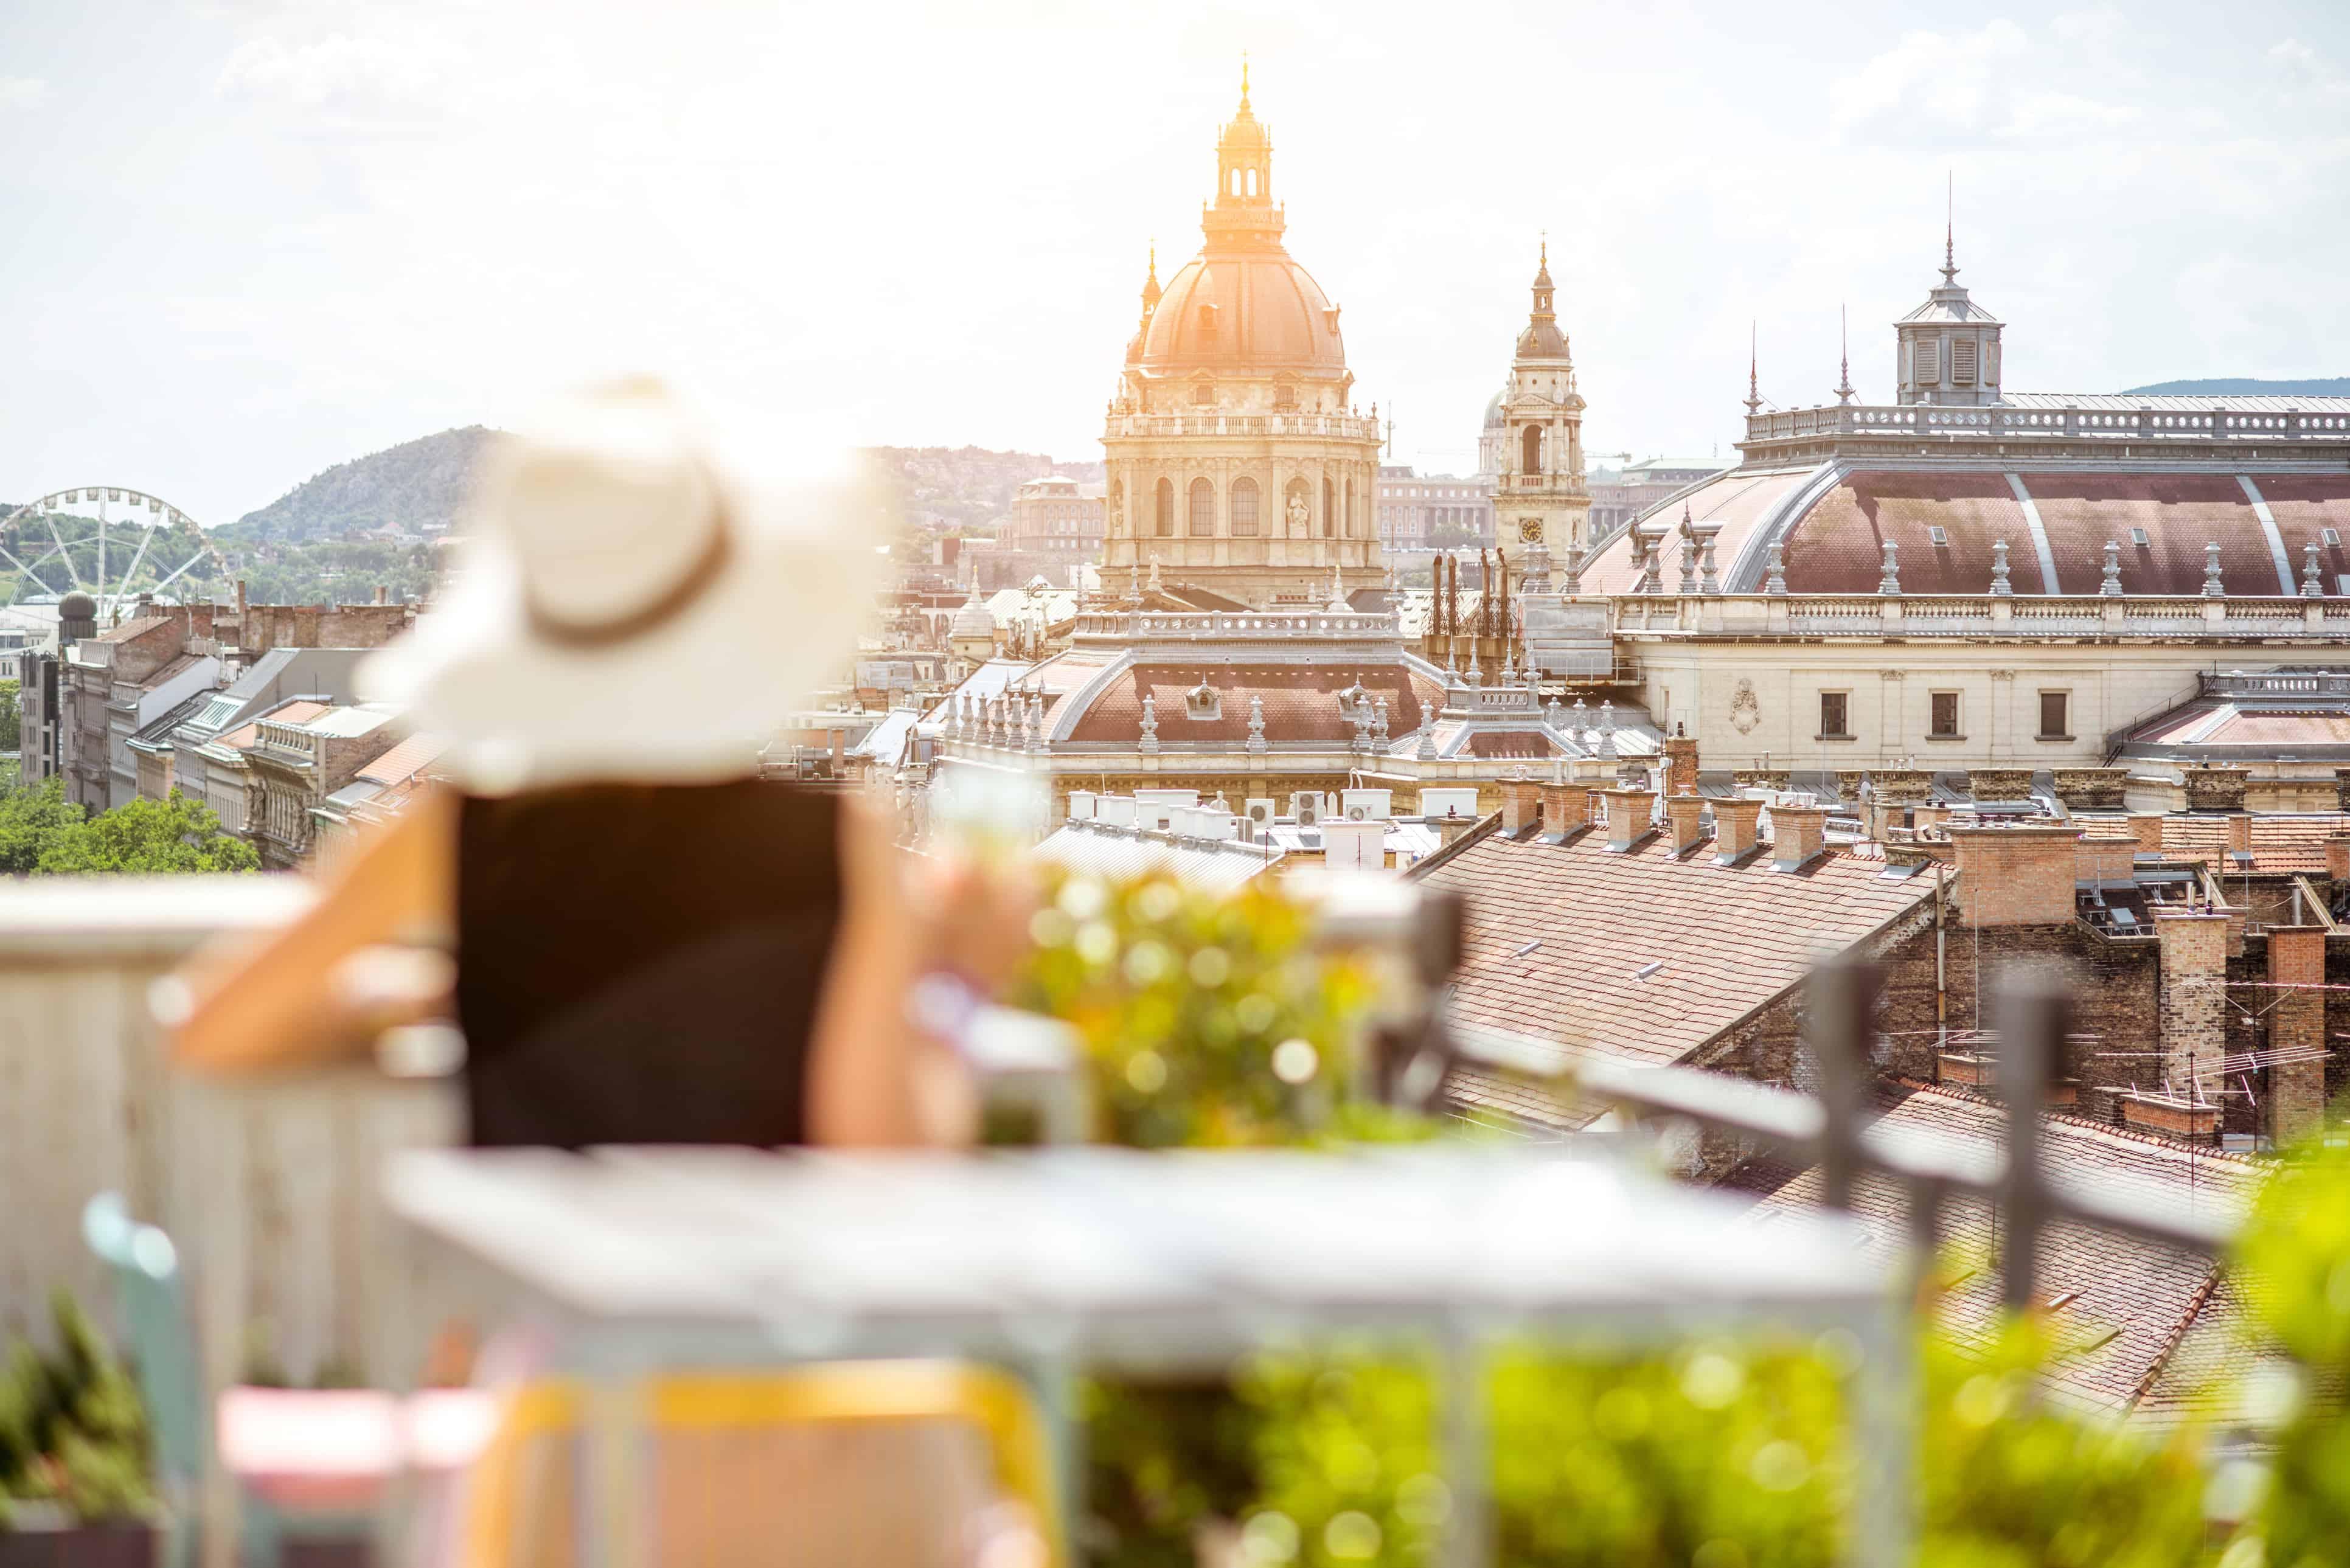 vrouw met hoed kijkt uit boedapest hongarije